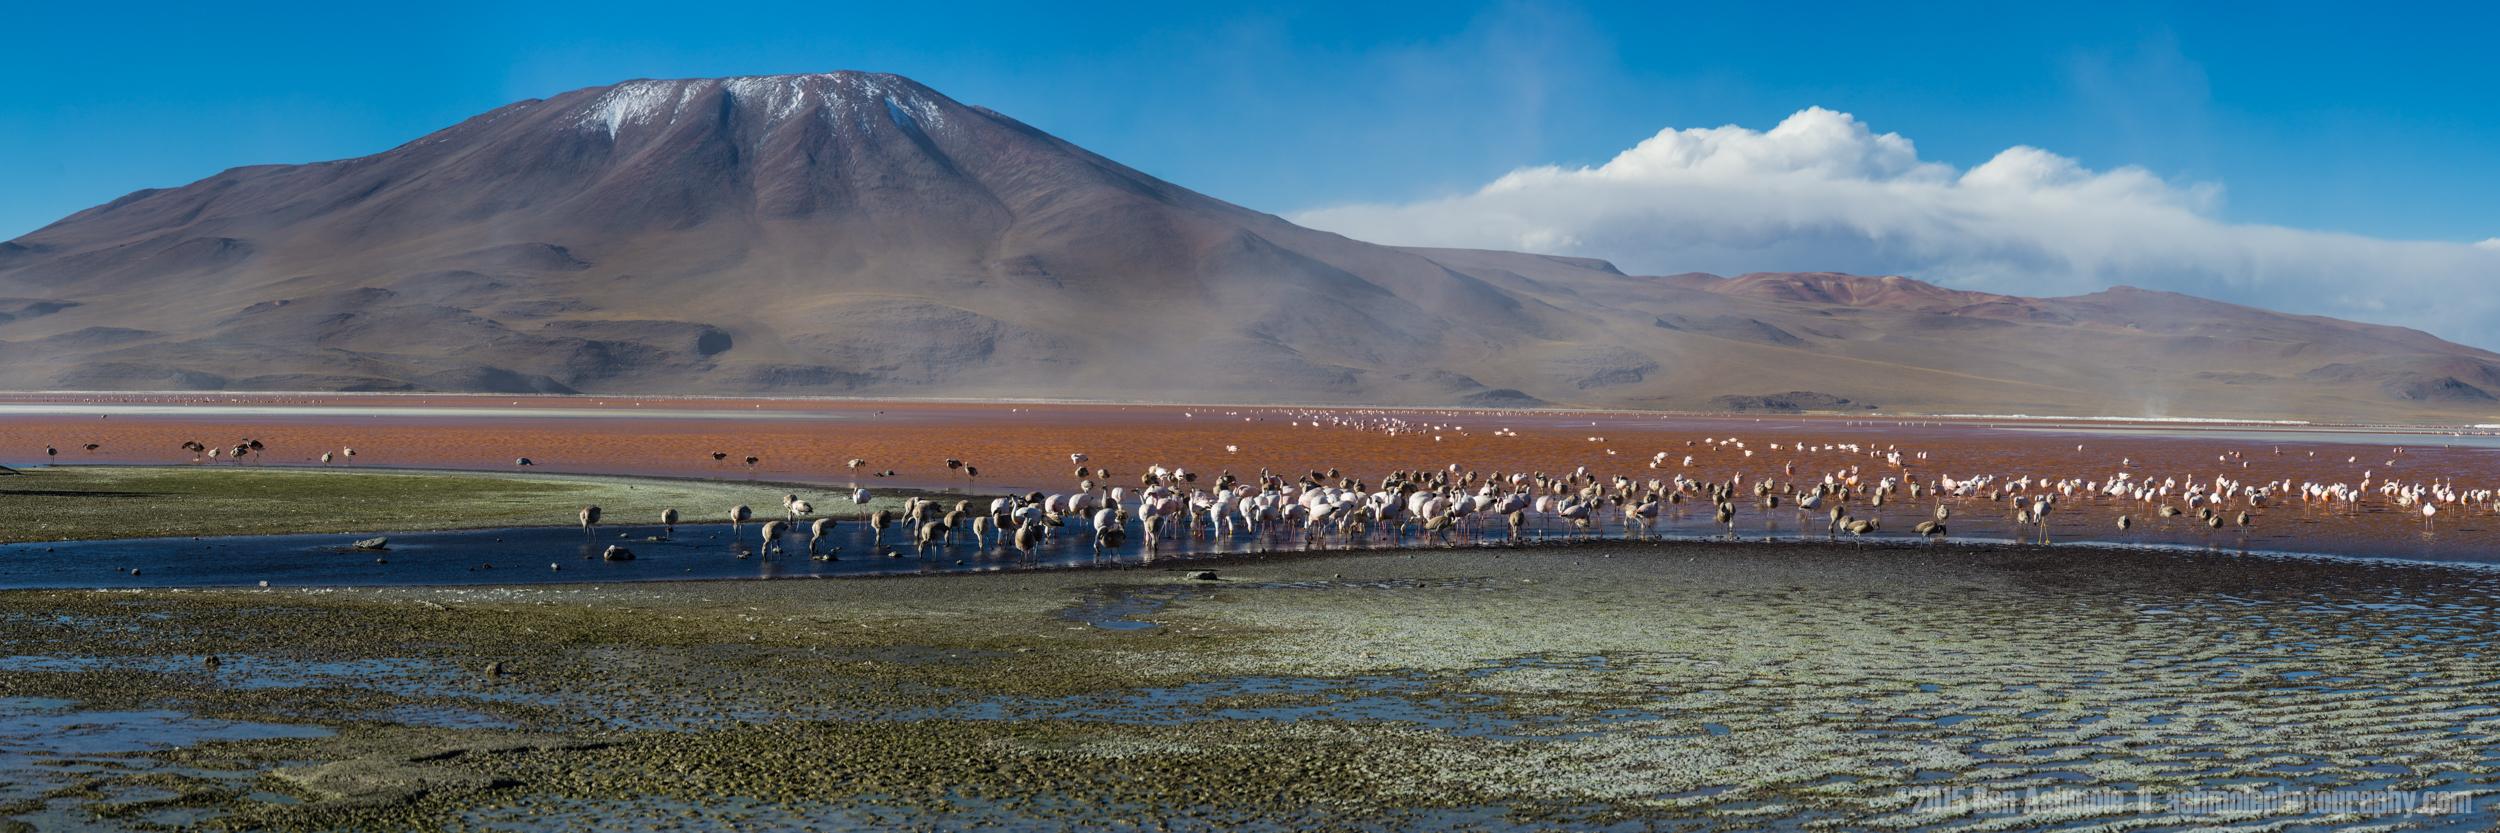 Lago Colorada Panorama, Bolivia